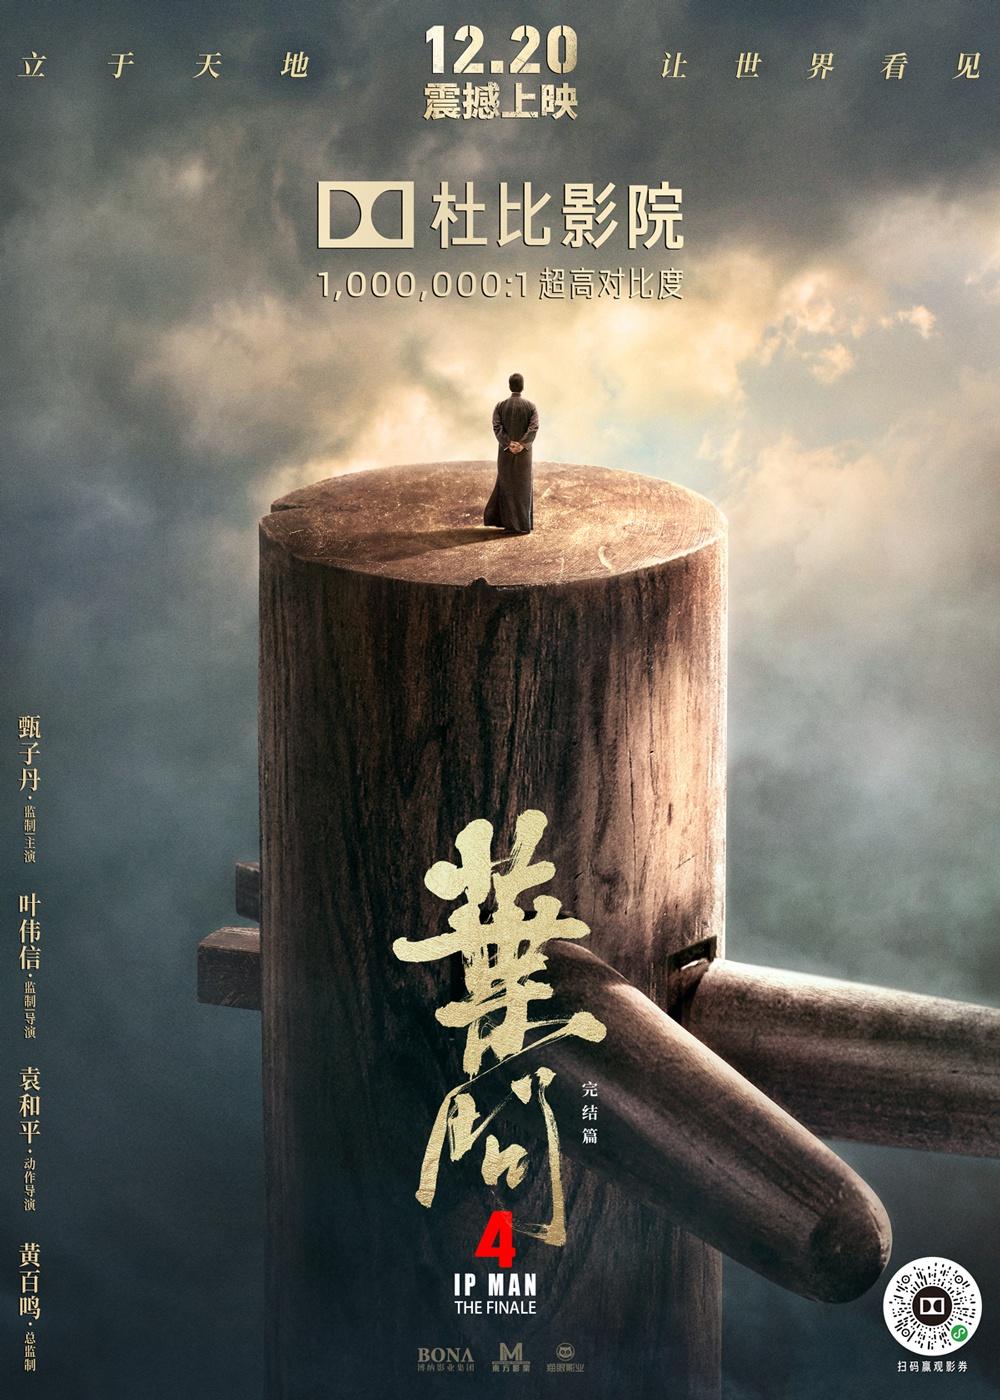 《叶问4》曝杜比影院海报 沉浸体验传奇咏春巅峰对决